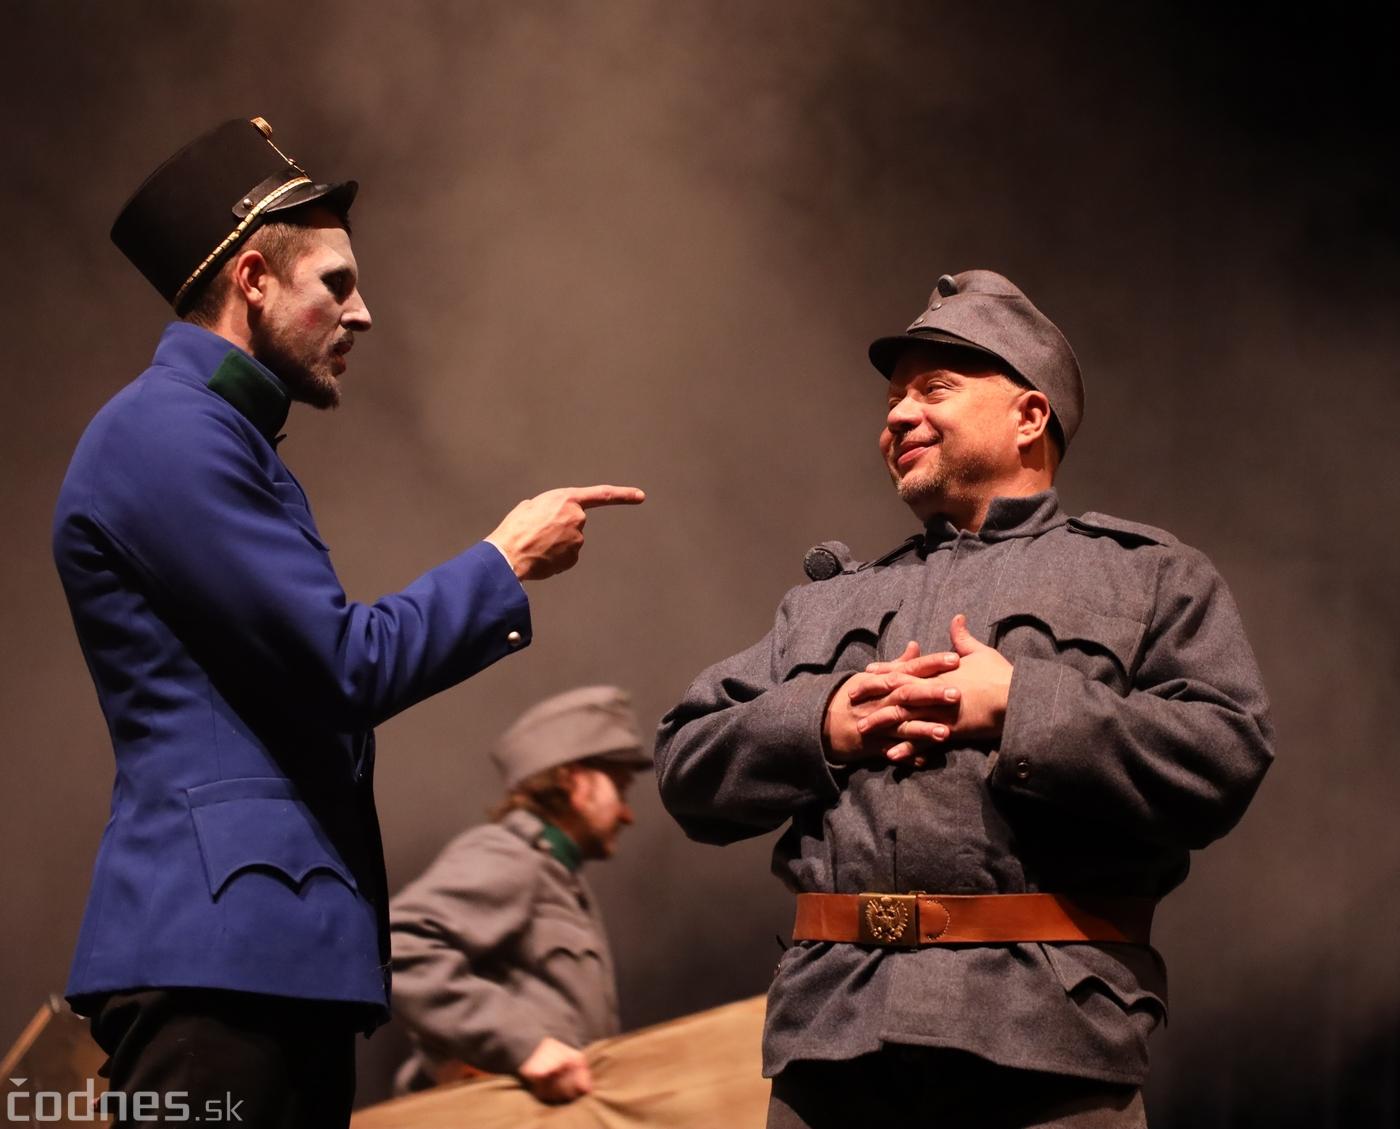 Foto: Josef Švejk - Divadlo Aréna - Frenkieho Vianoce v divadle 2019 - divadelný festival Myjava